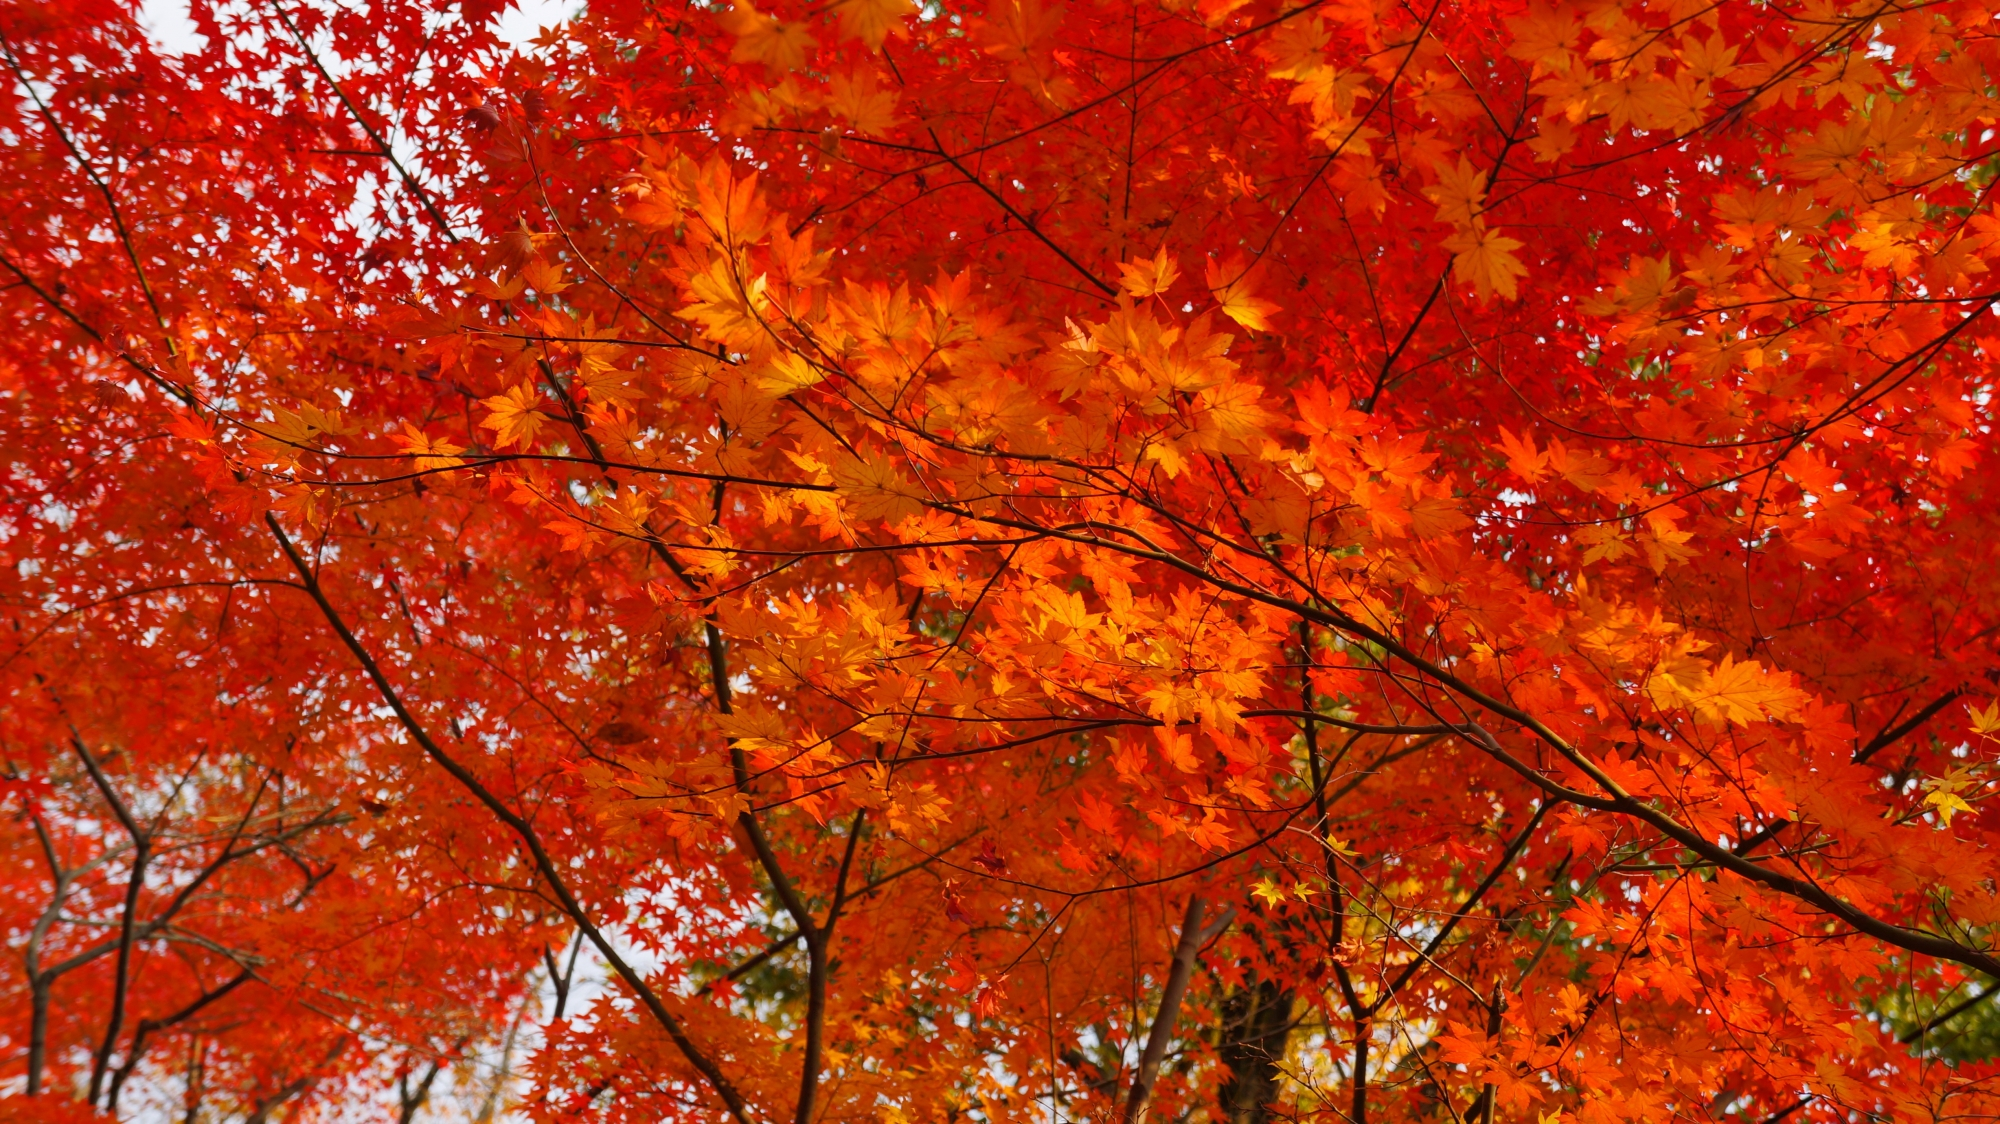 光明寺の薬医門付近の最高の色づきの紅葉